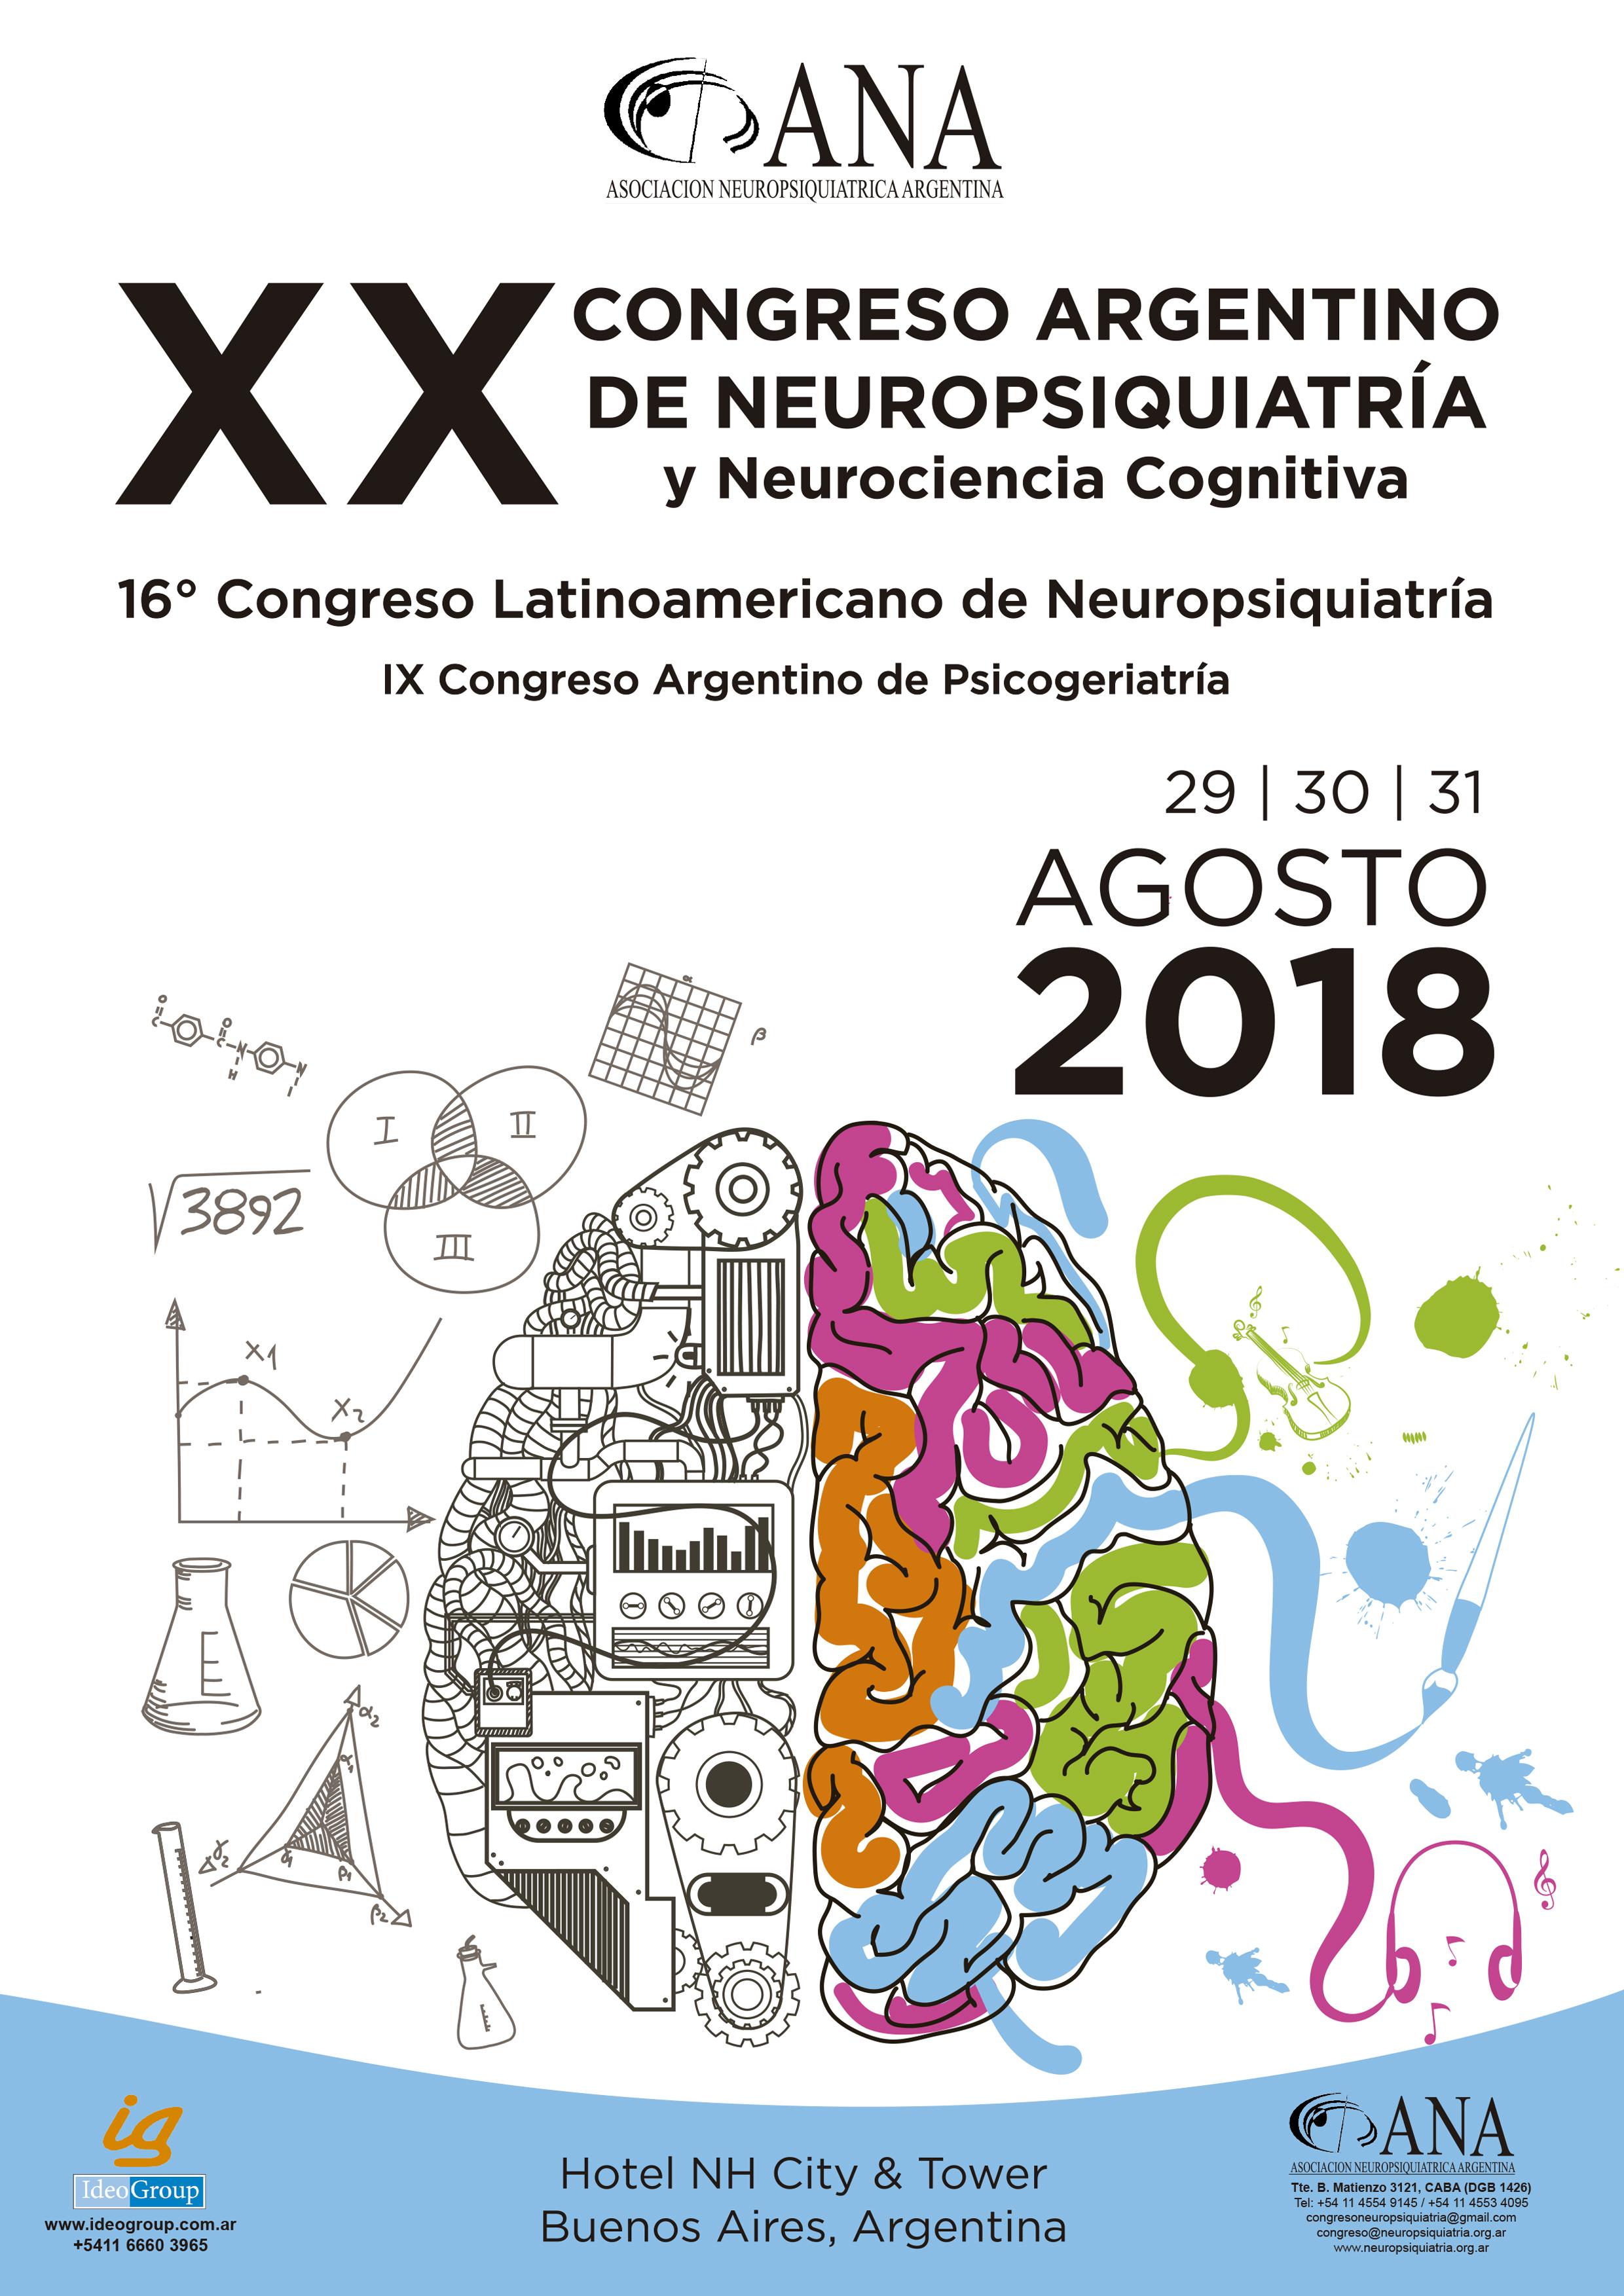 XX Neuropsiquiatría